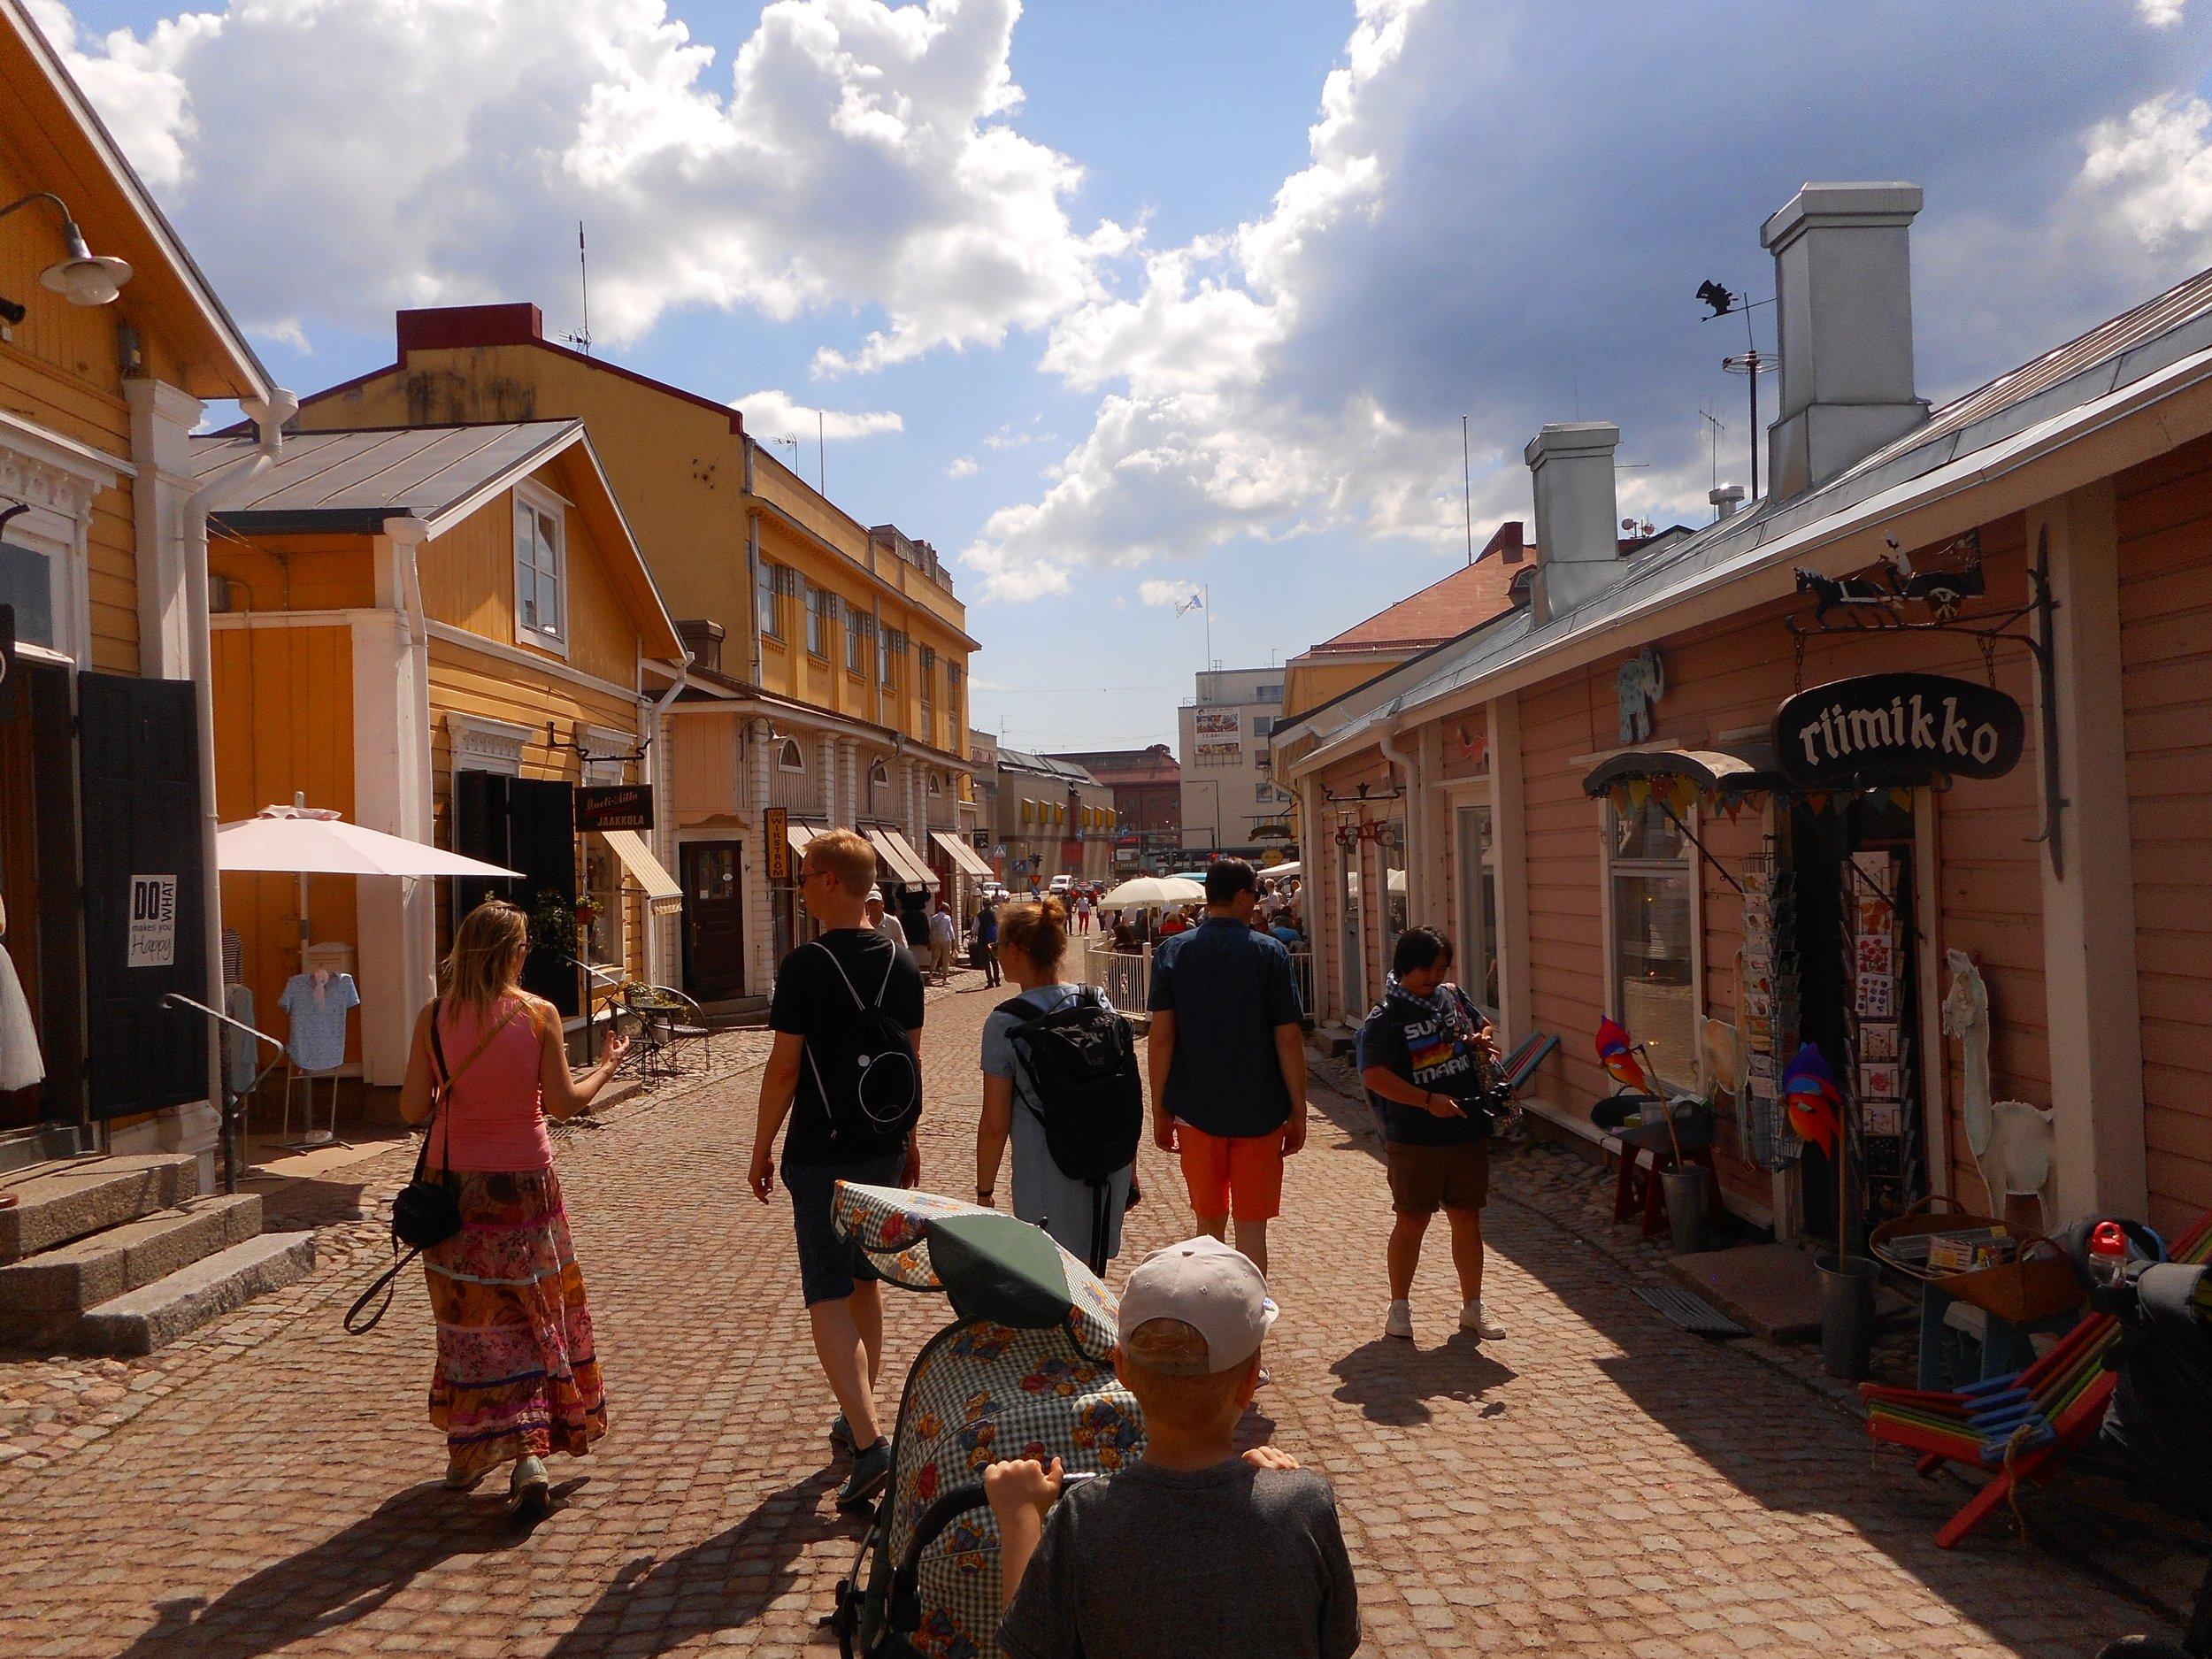 Walking trip in Porvoo old town